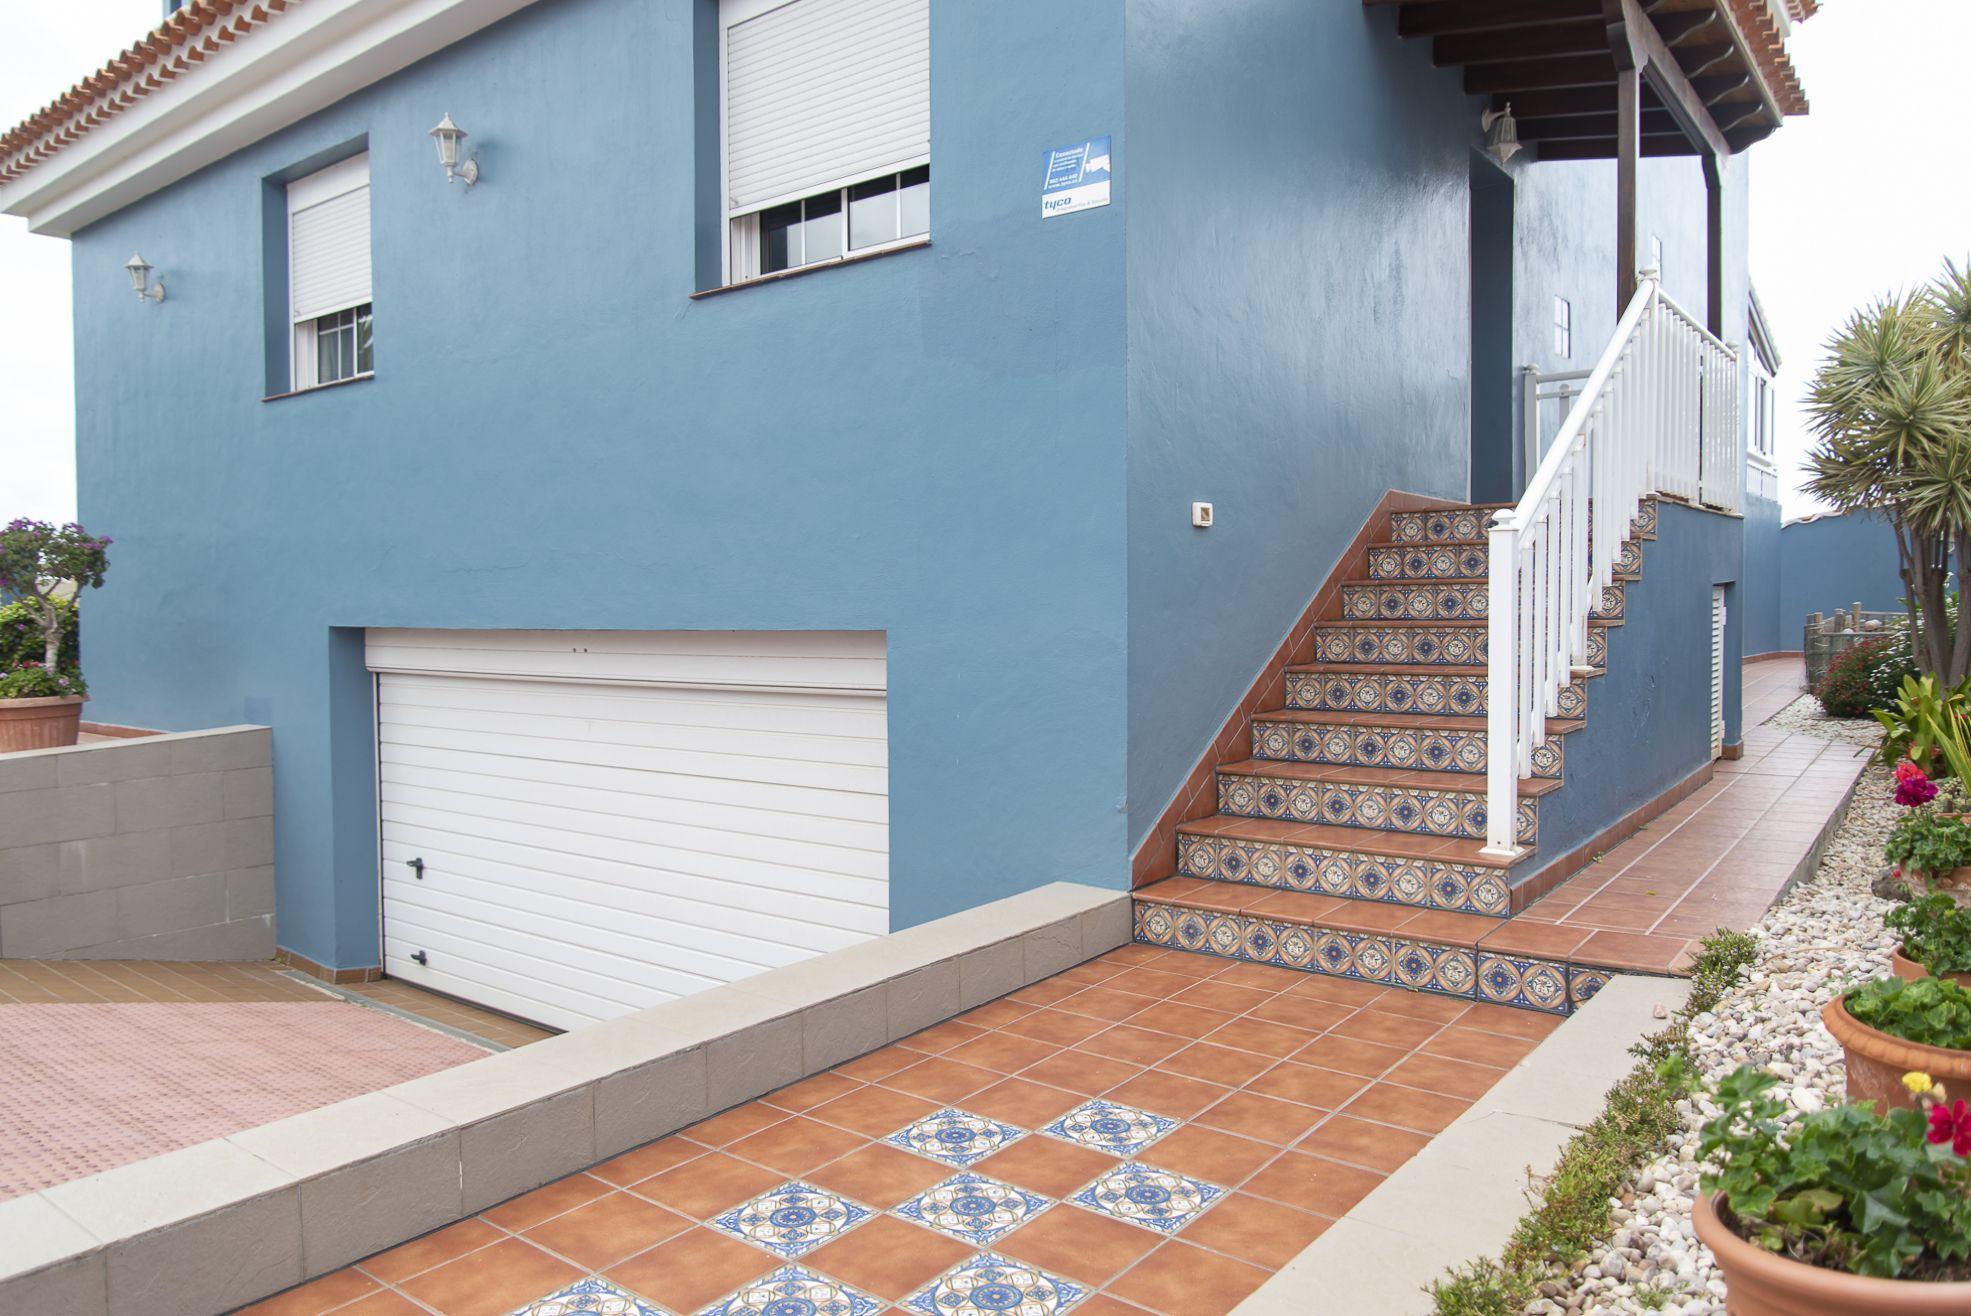 La Casa Azul - Tegueste. Entrada desde la calle